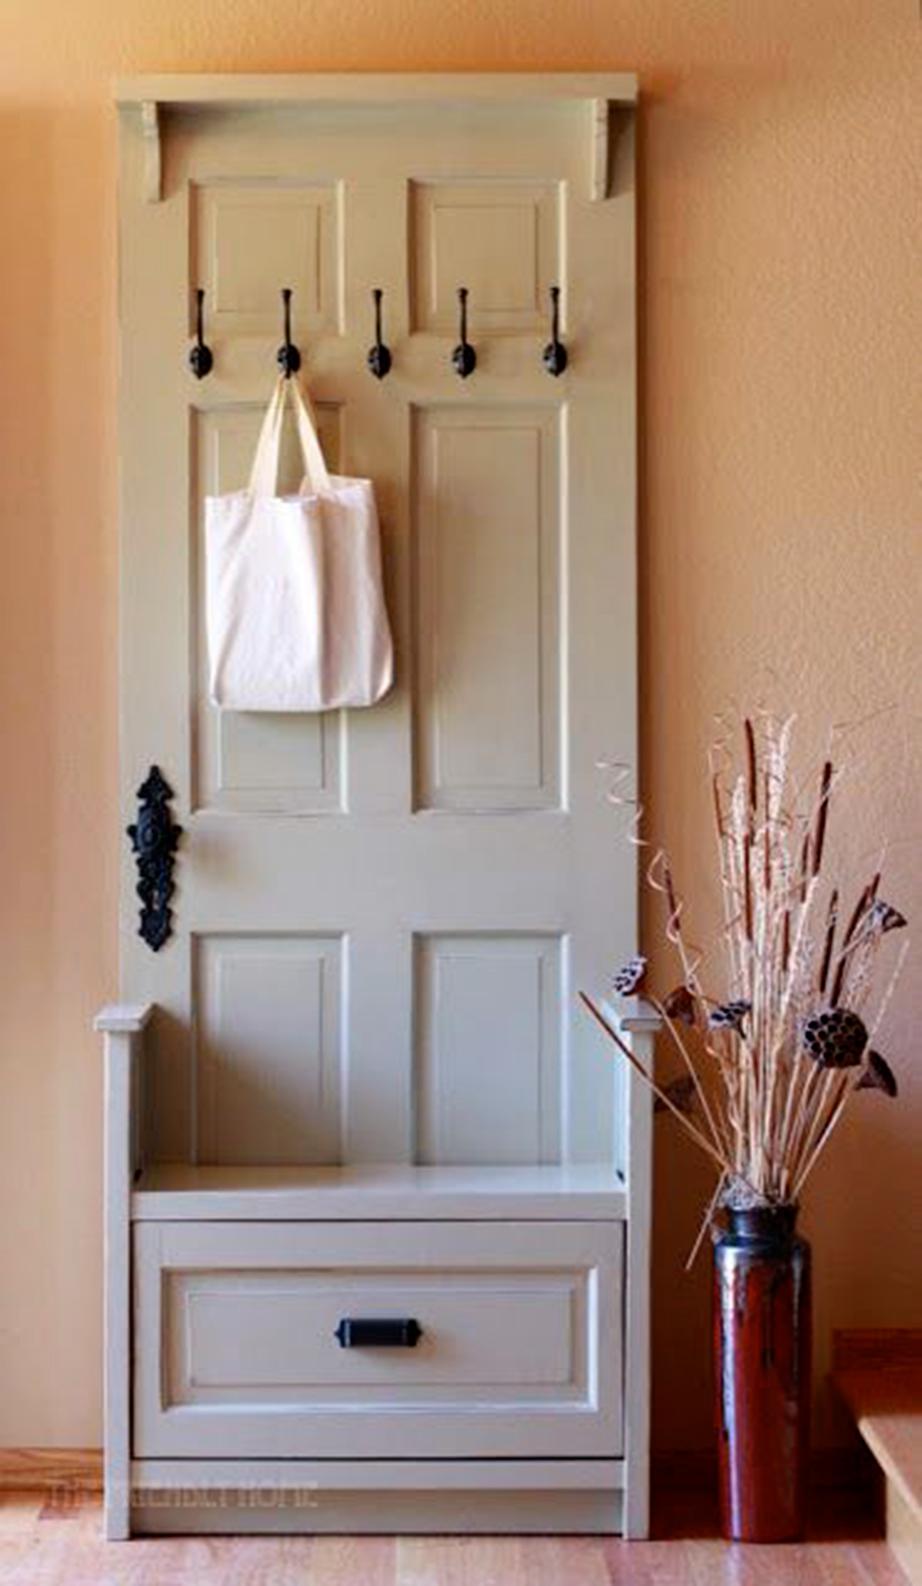 Μια απλή κατασκευή με ελάχιστε προσθήκες που την κάνουν απόλυτα λειτουργική στο χώρο της εισόδου του σπιτιού.